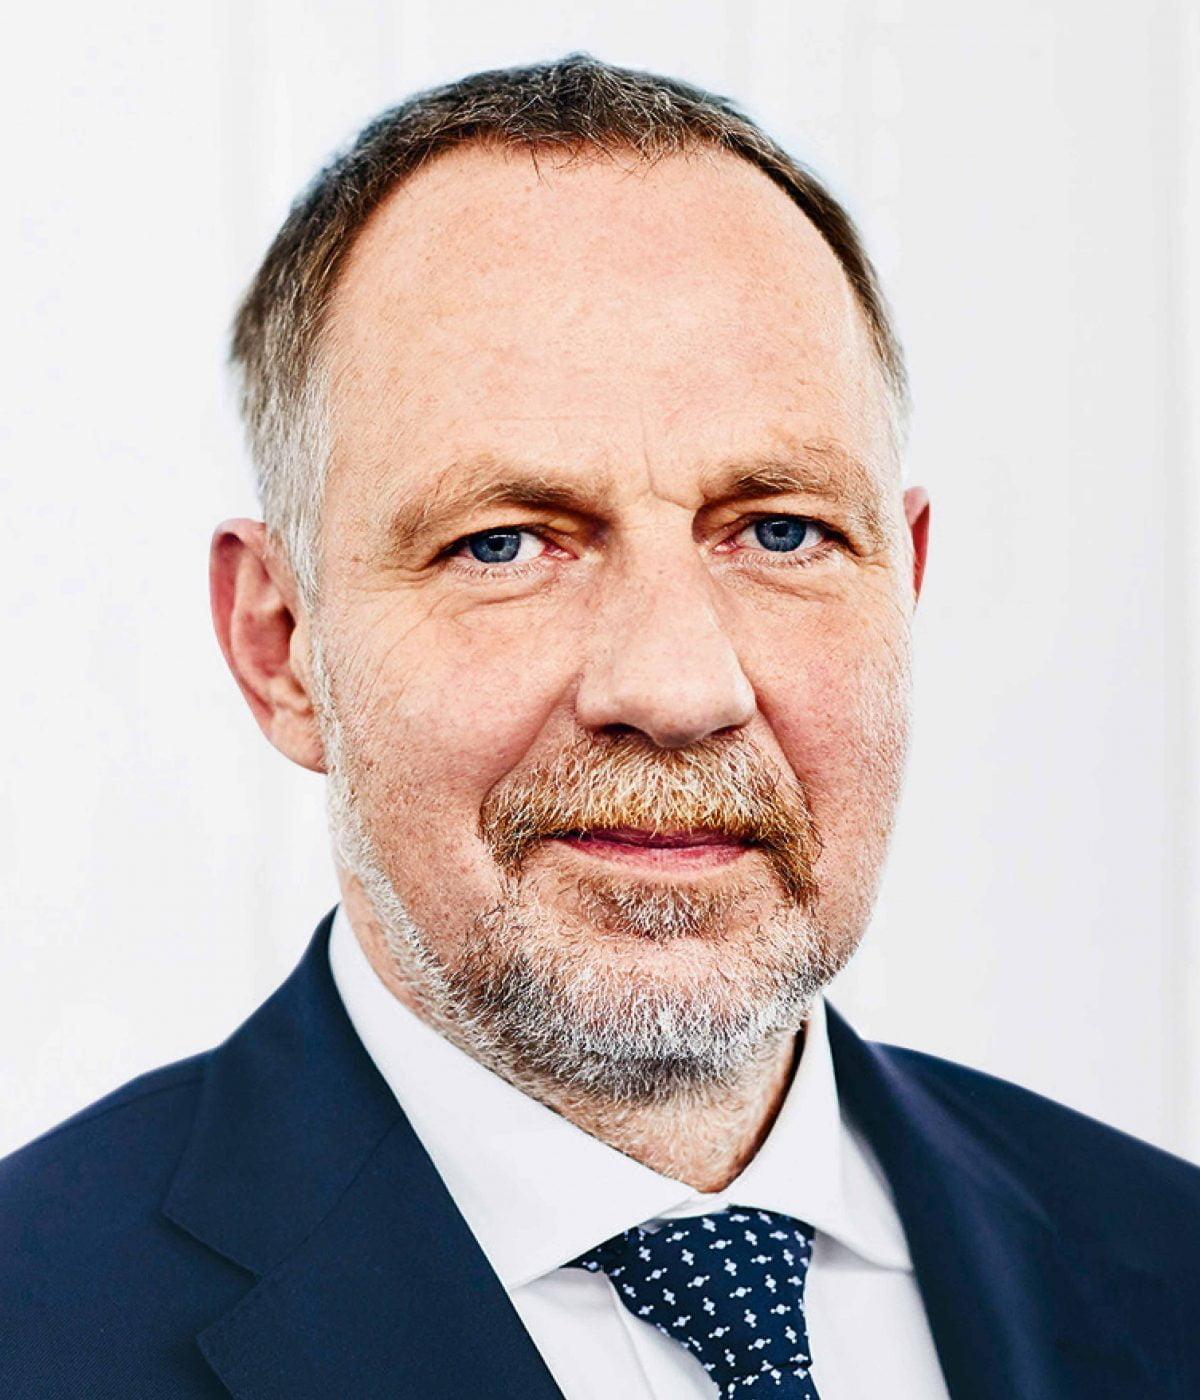 ETH Zurich Foundation, ETH Foundation Germany